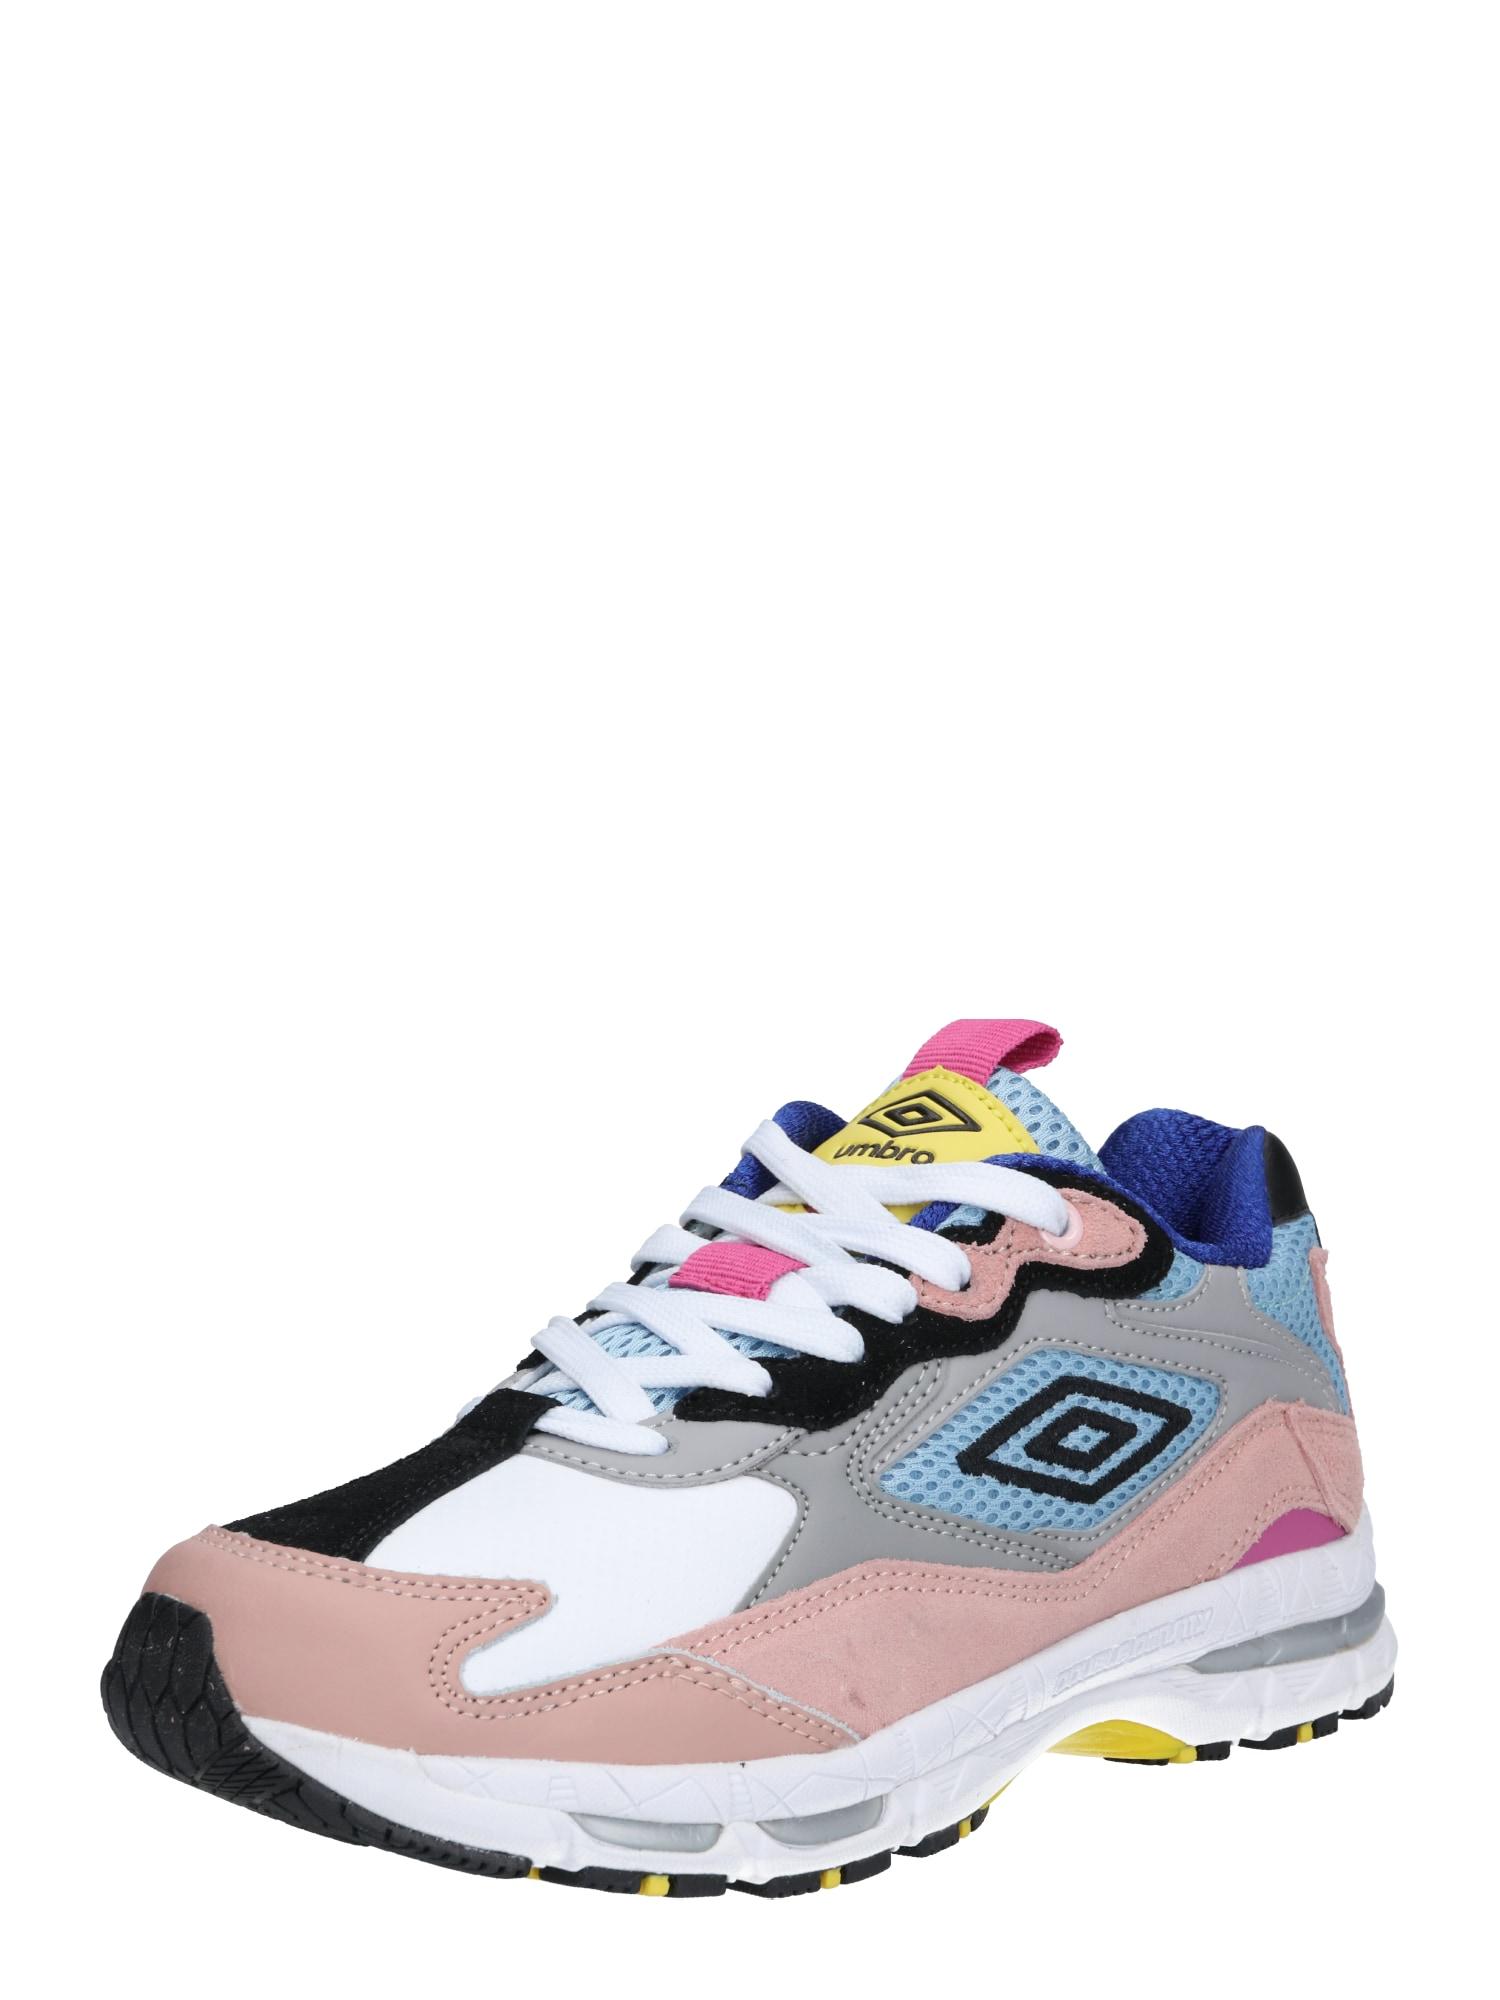 Tenisky UMFL0064 mix barev růžová UMBRO